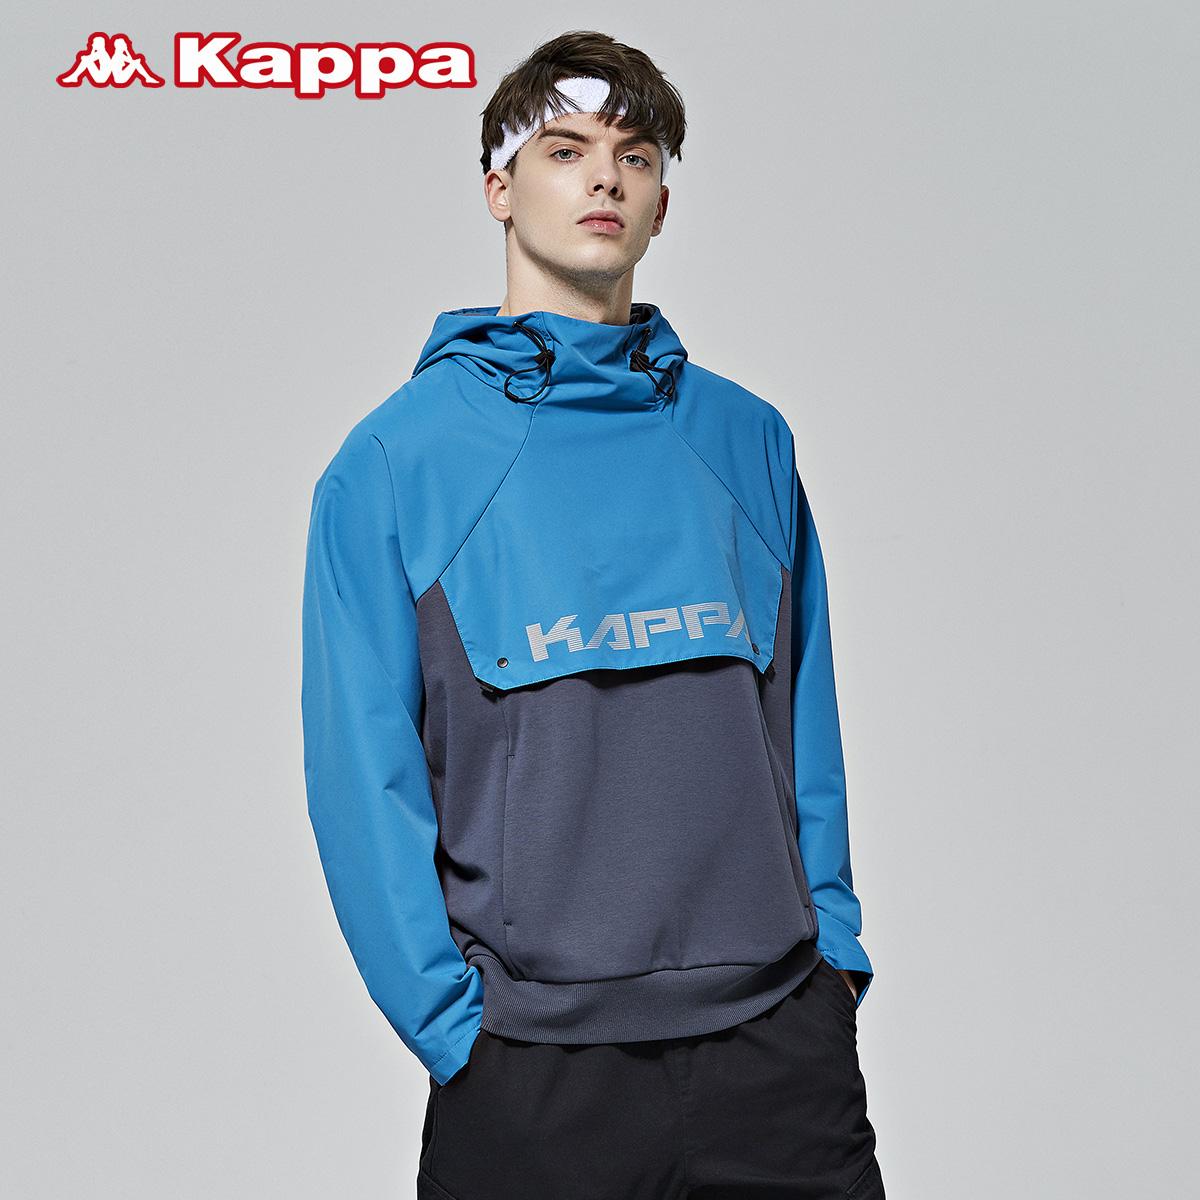 卡帕男串标防风衣休闲梭织外套拼接连帽长袖上衣新款 Kappa